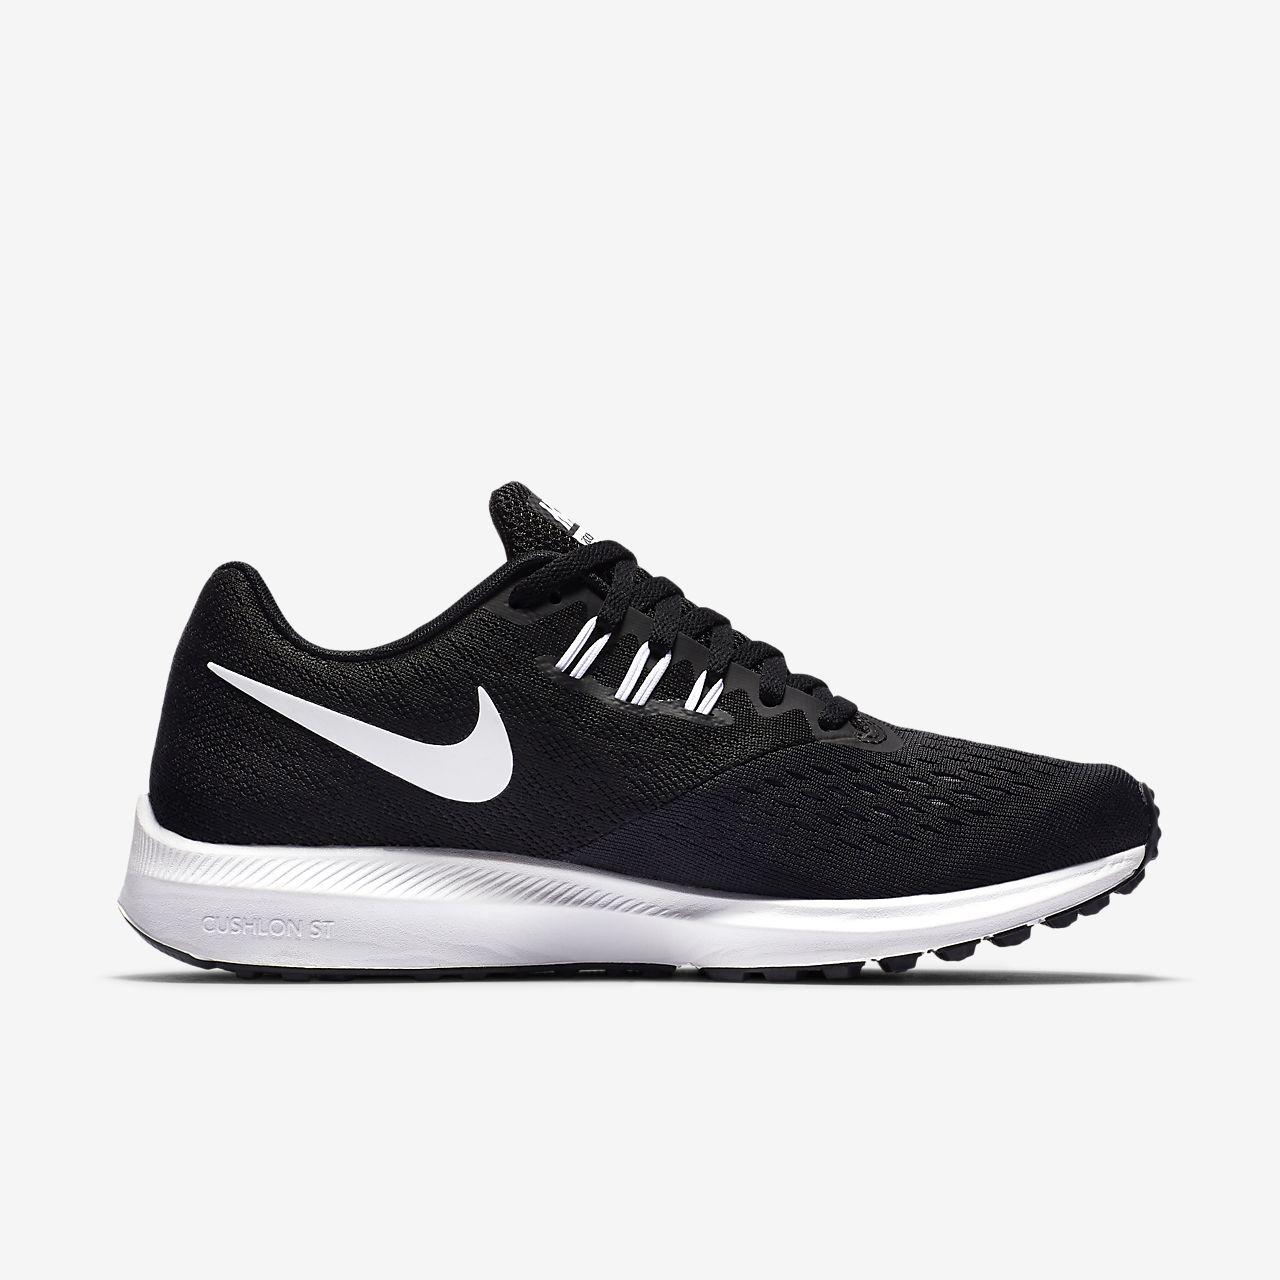 ... Nike Zoom Winflo 4 - løbesko til kvinder